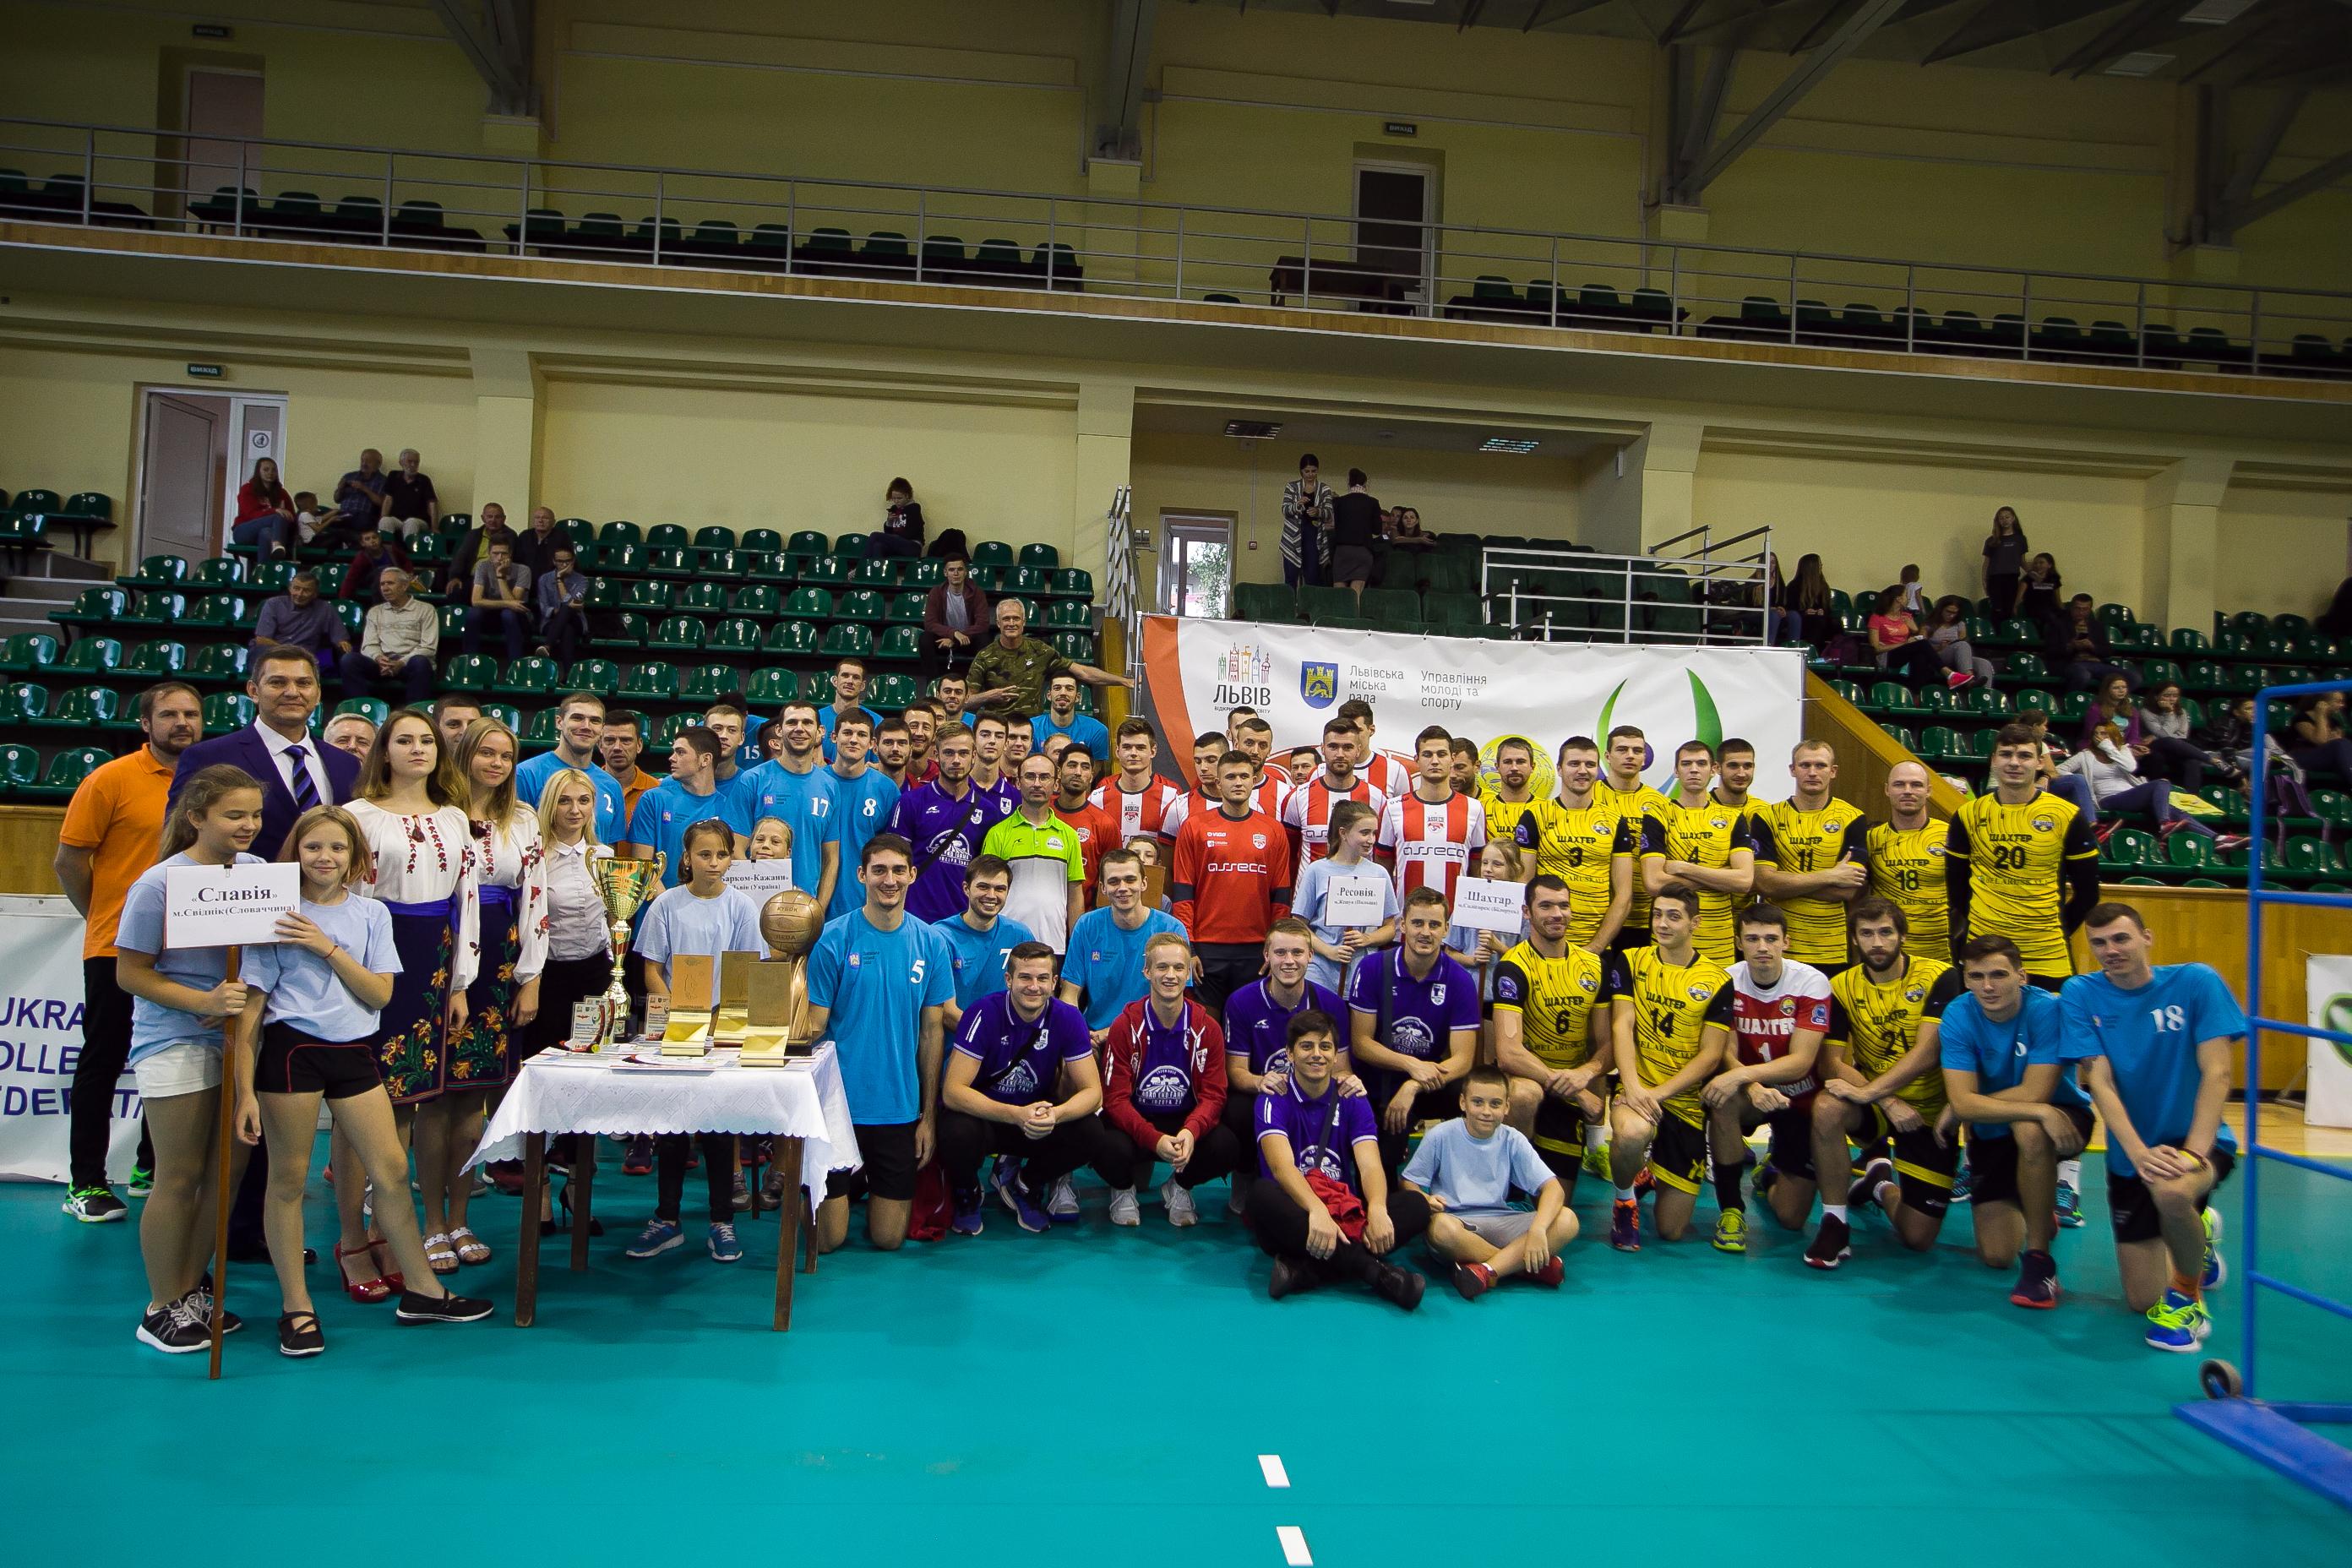 Відкритий Кубок Львова  з волейболу. Відкриття. ФОТОЗВІТ - 28